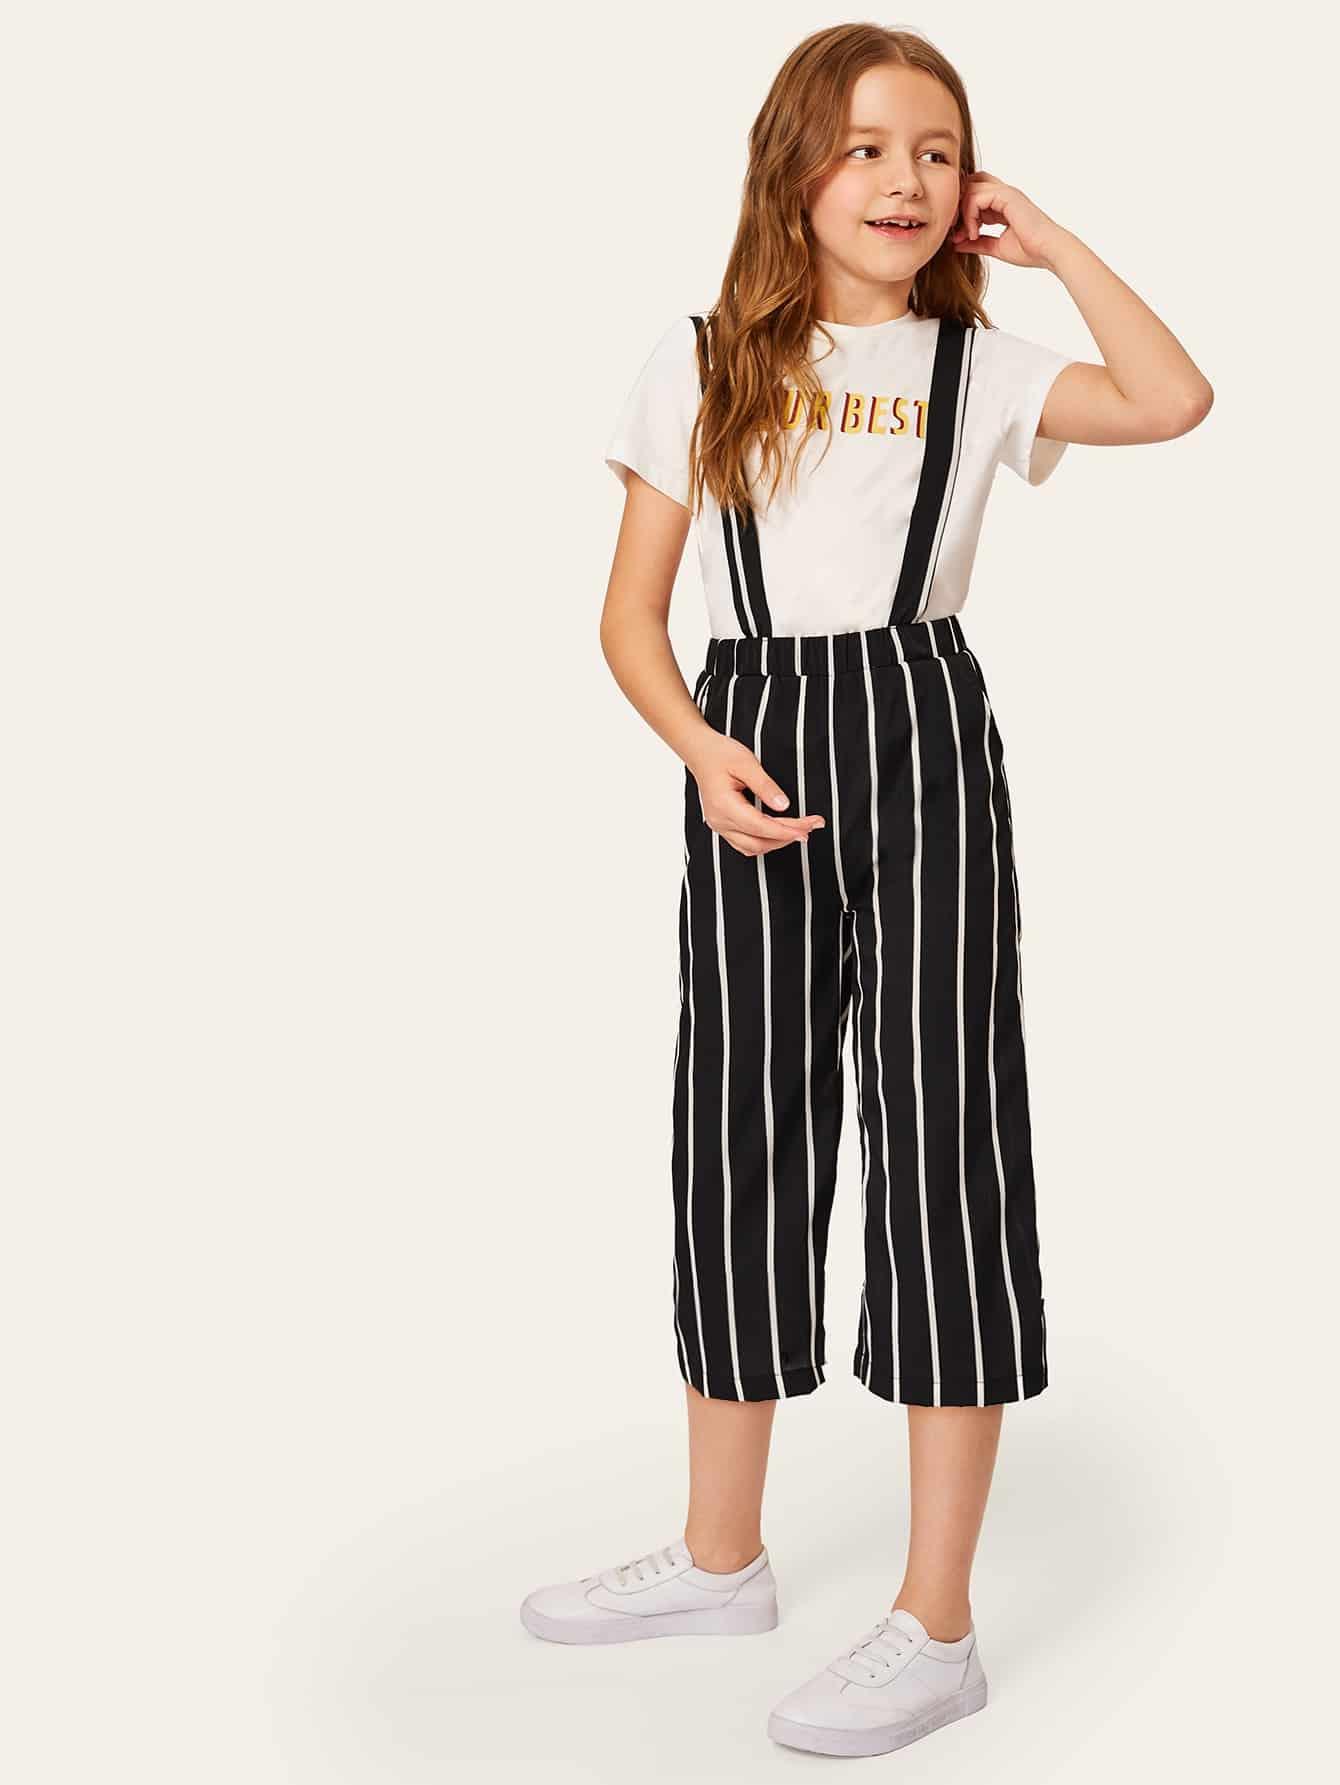 Фото - Широкие полосатые корп брюки с кулиской для девочек от SheIn цвет чёрнобелые